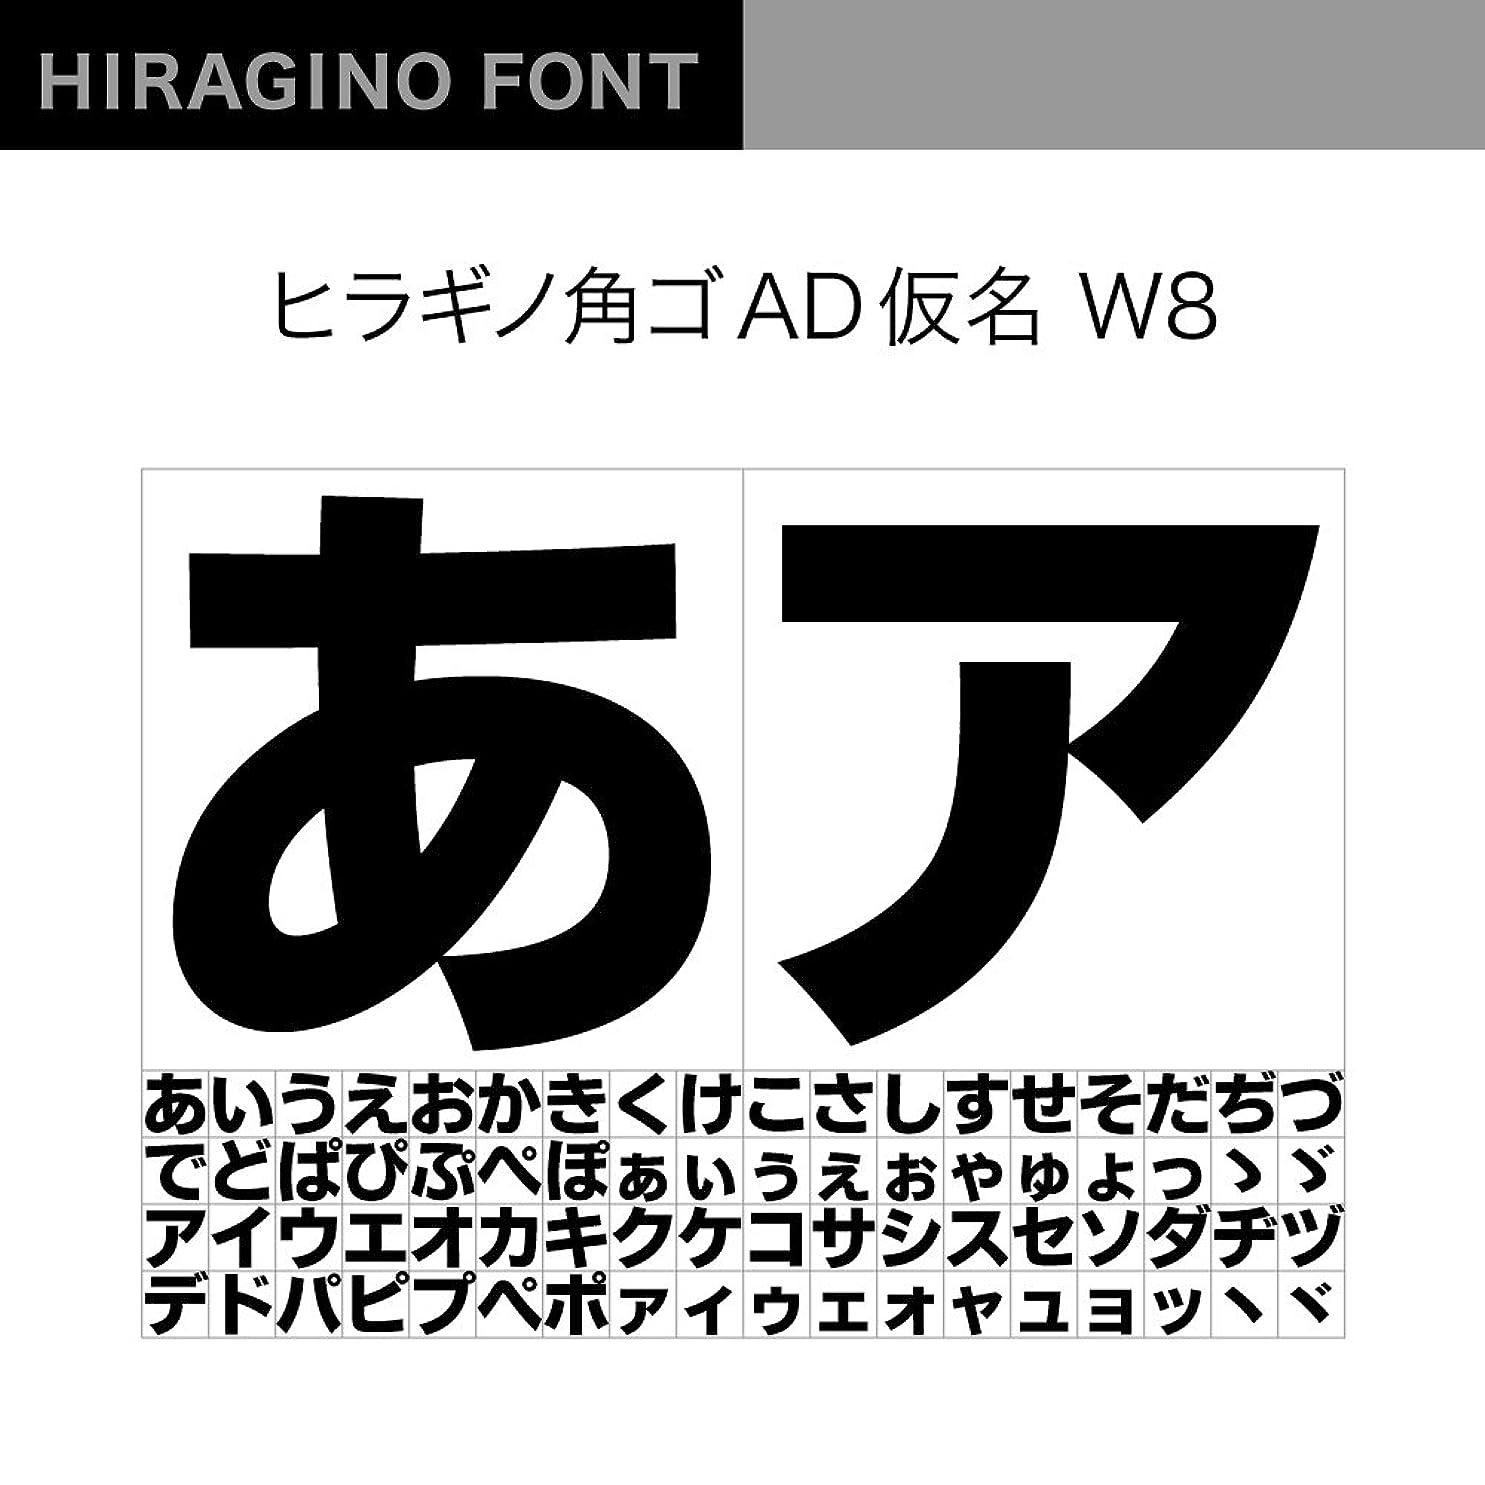 クリエイティブサイレント検査官OpenType ヒラギノ角ゴAD仮名 W8 [ダウンロード]